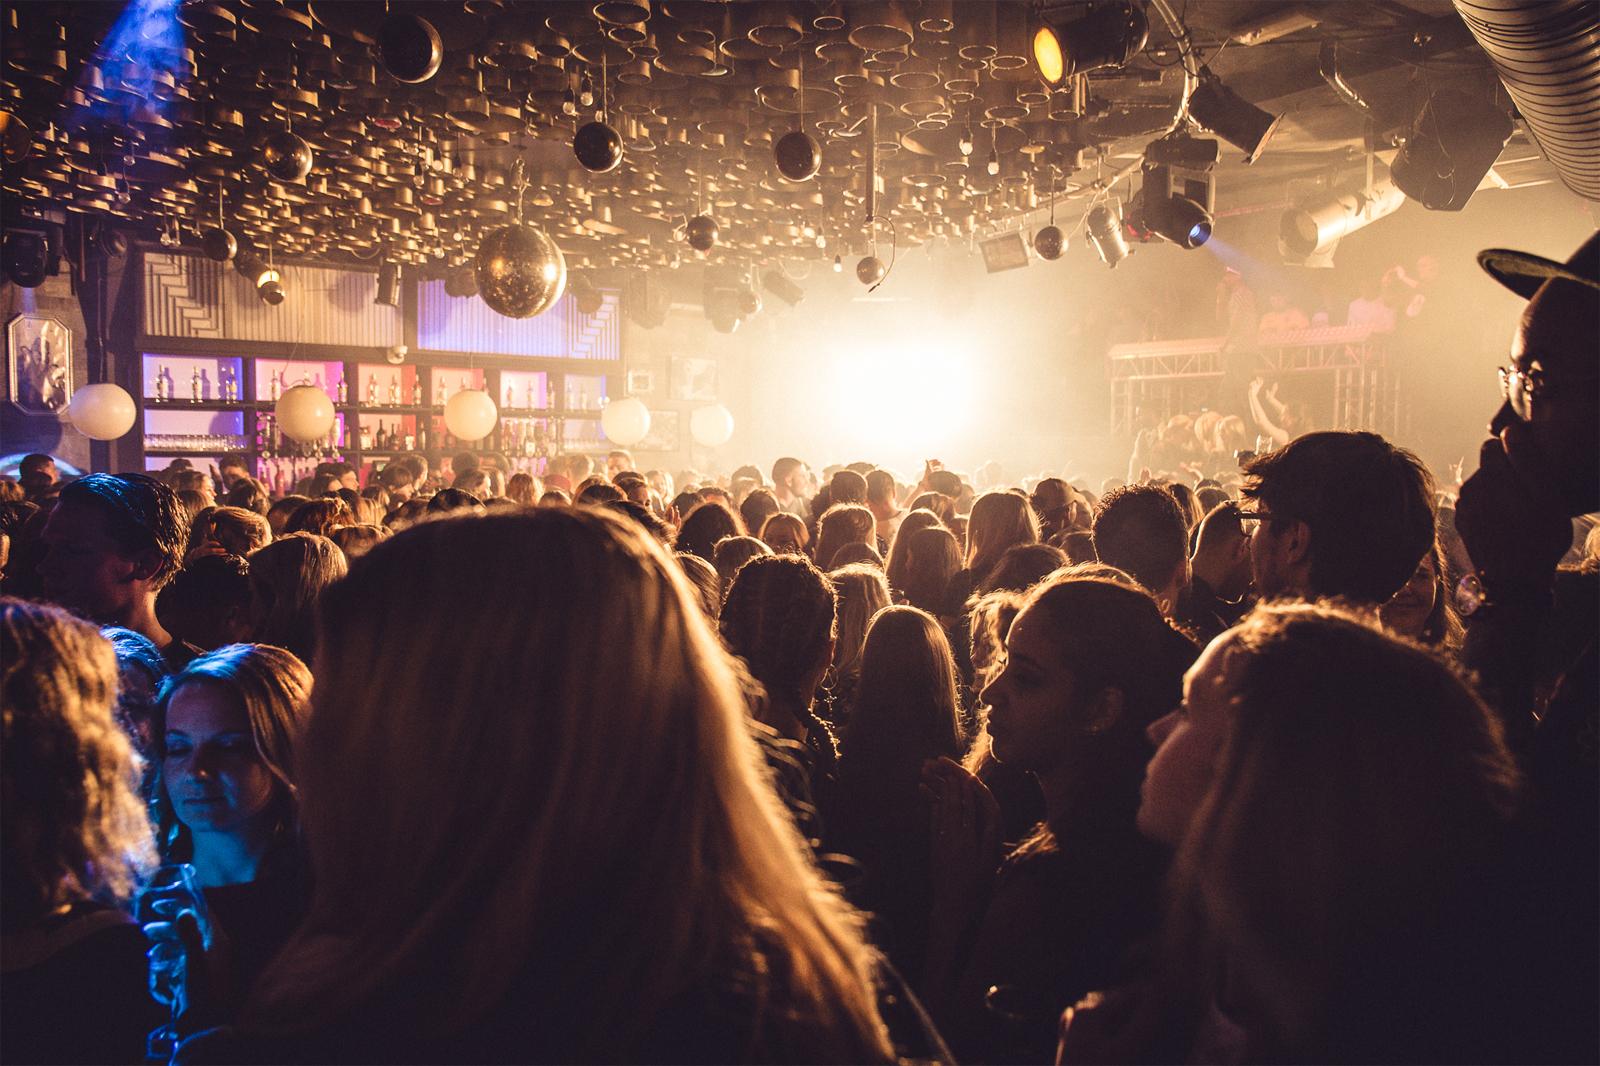 Evenementen bij Café Van Buren: De club